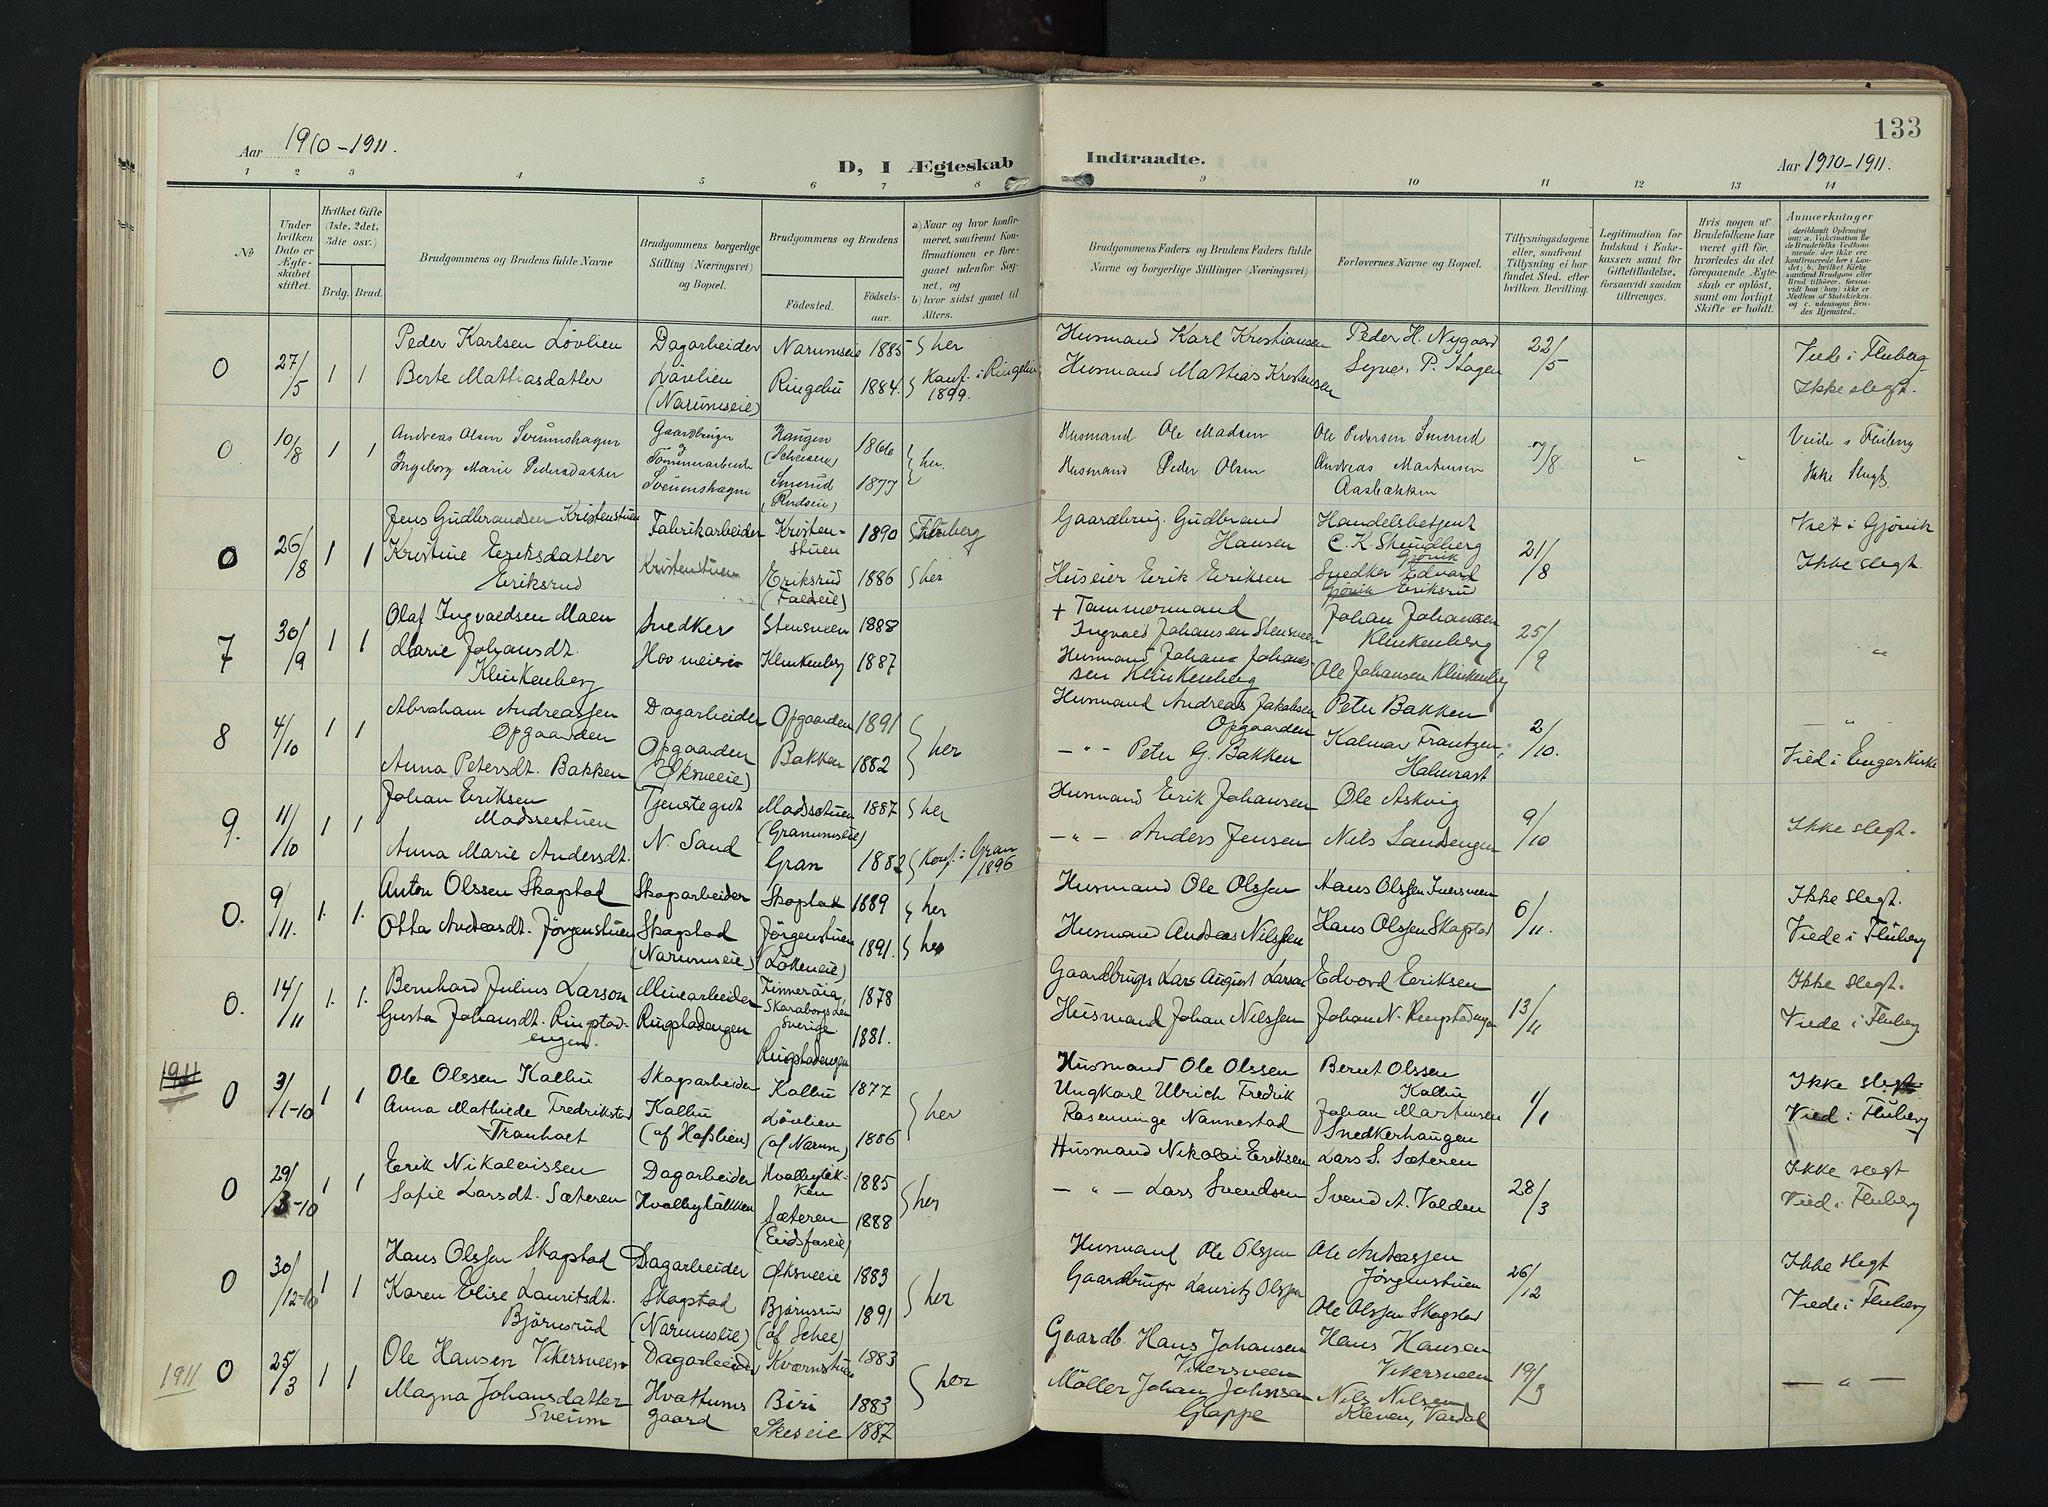 SAH, Søndre Land prestekontor, K/L0007: Ministerialbok nr. 7, 1905-1914, s. 133